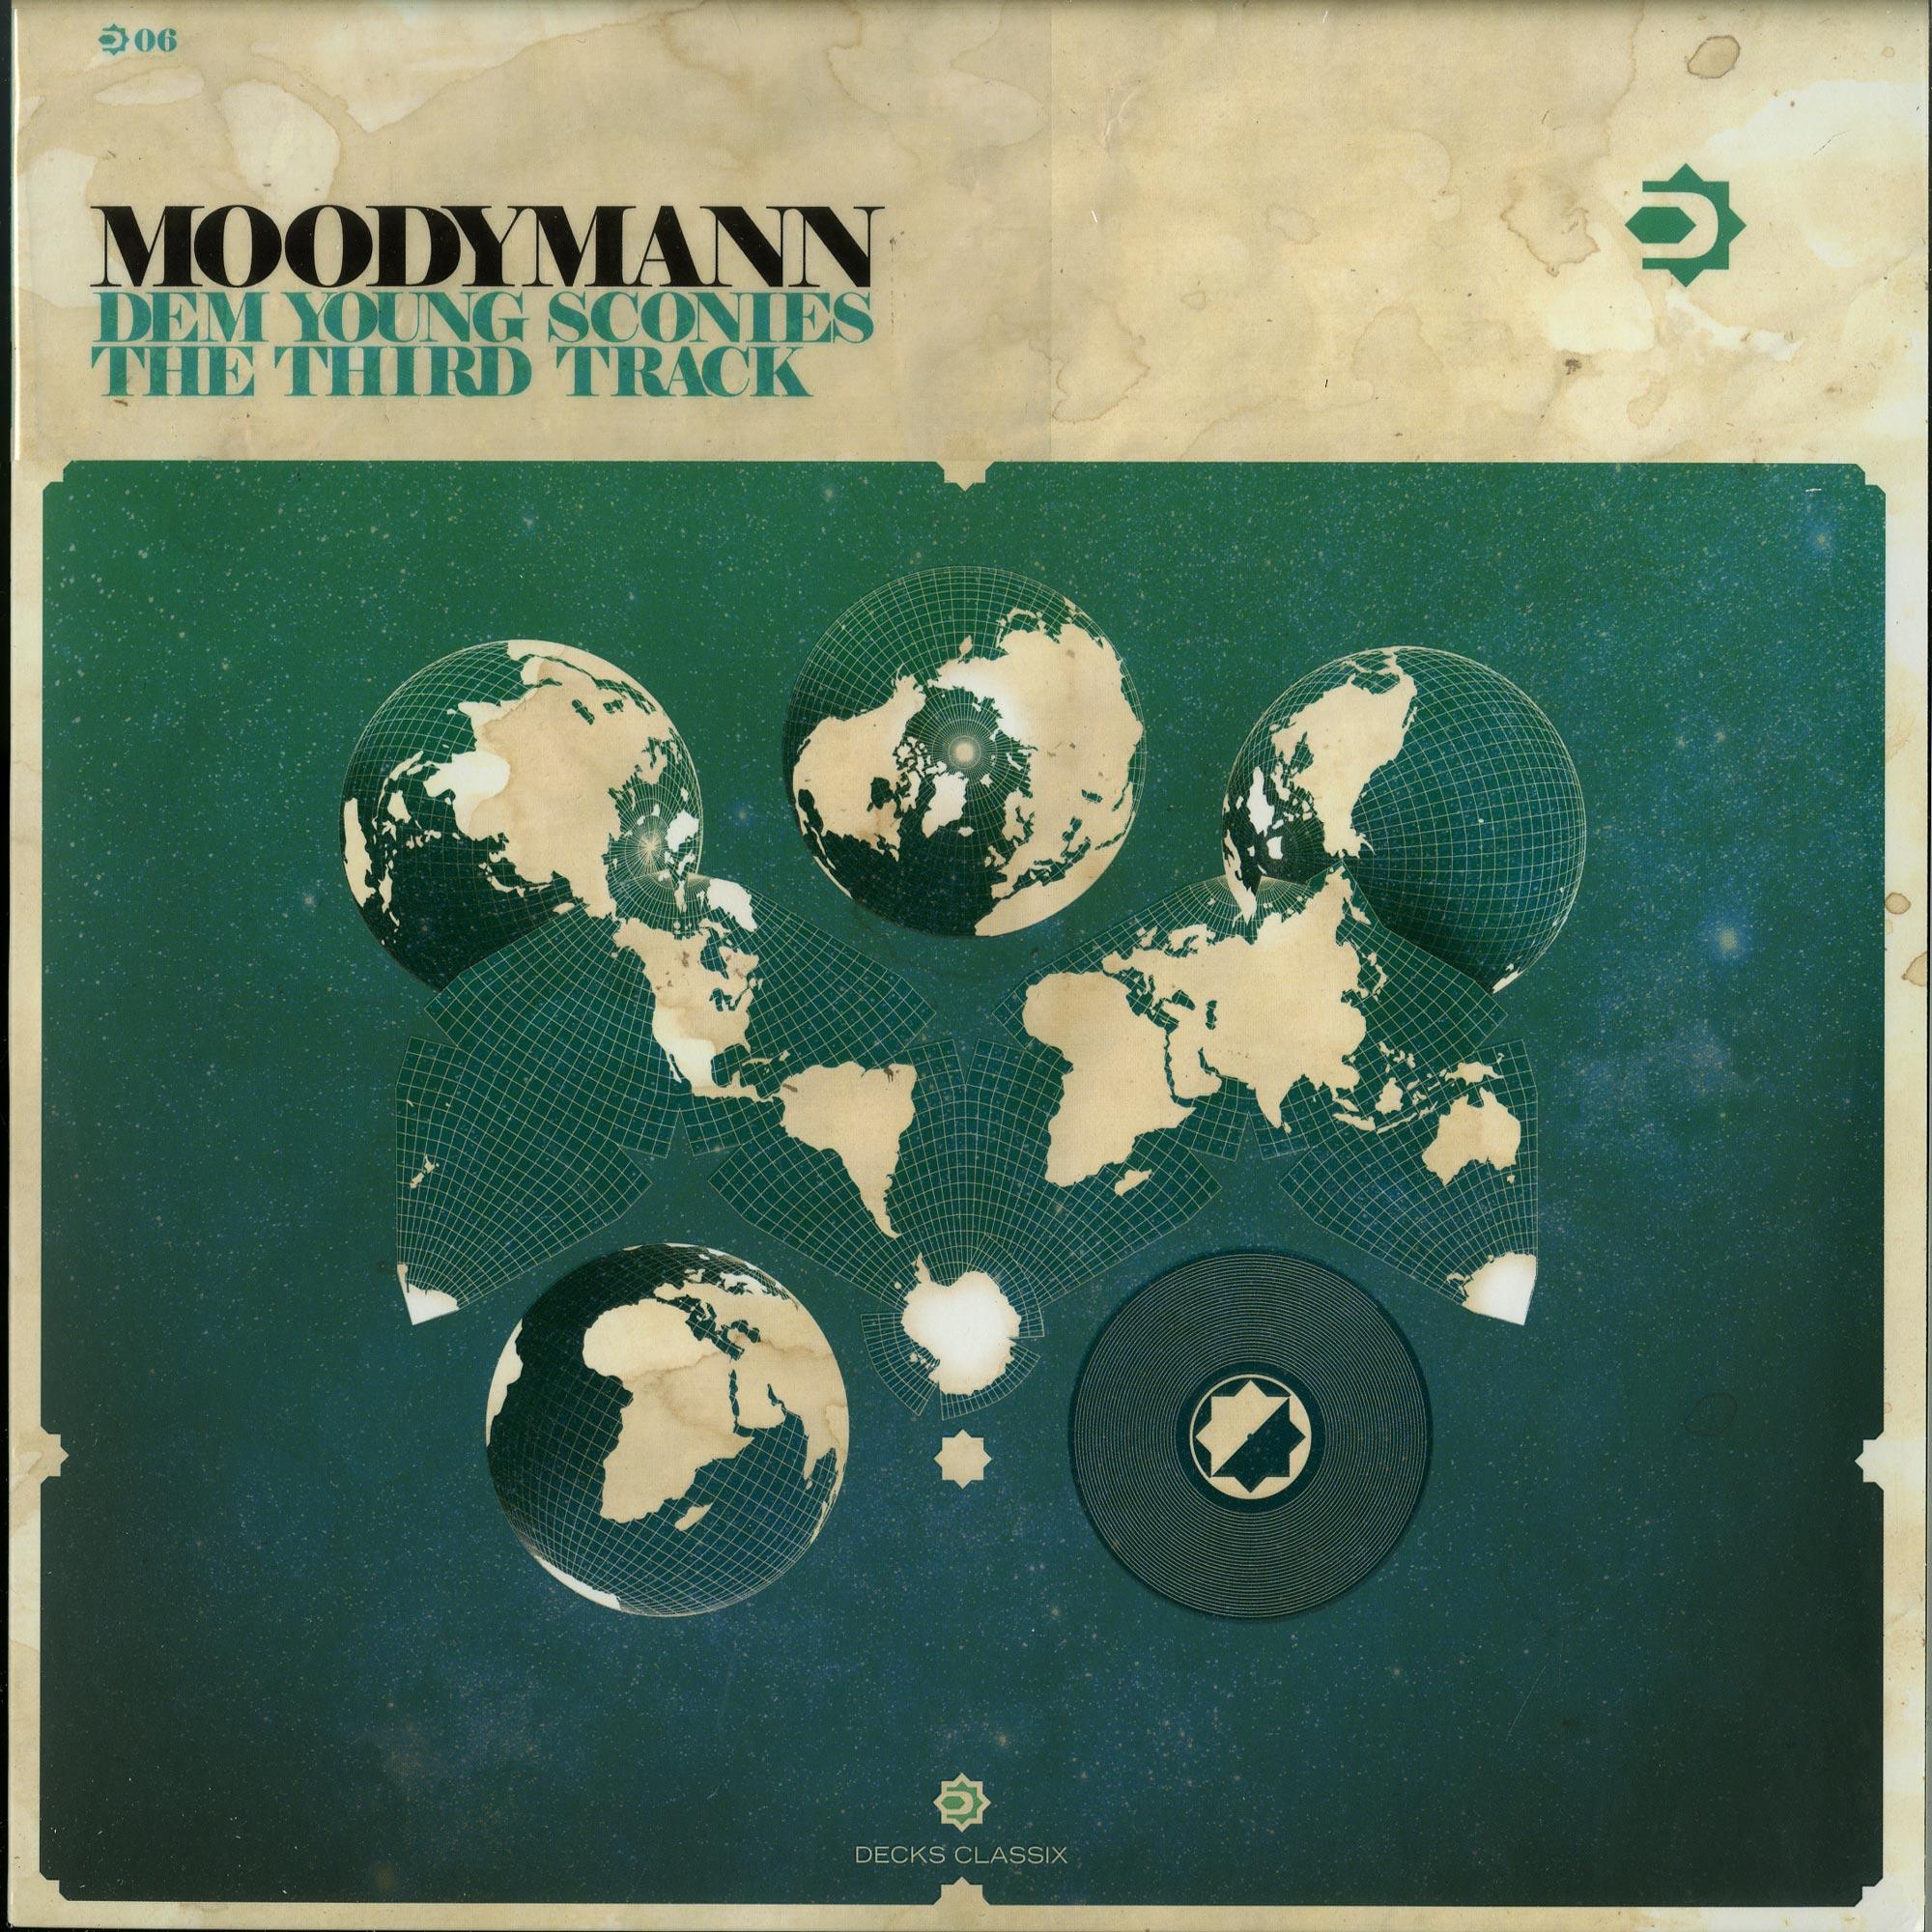 Moodymann - DEM YOUNG SCONIE / THE THIRD TRACK